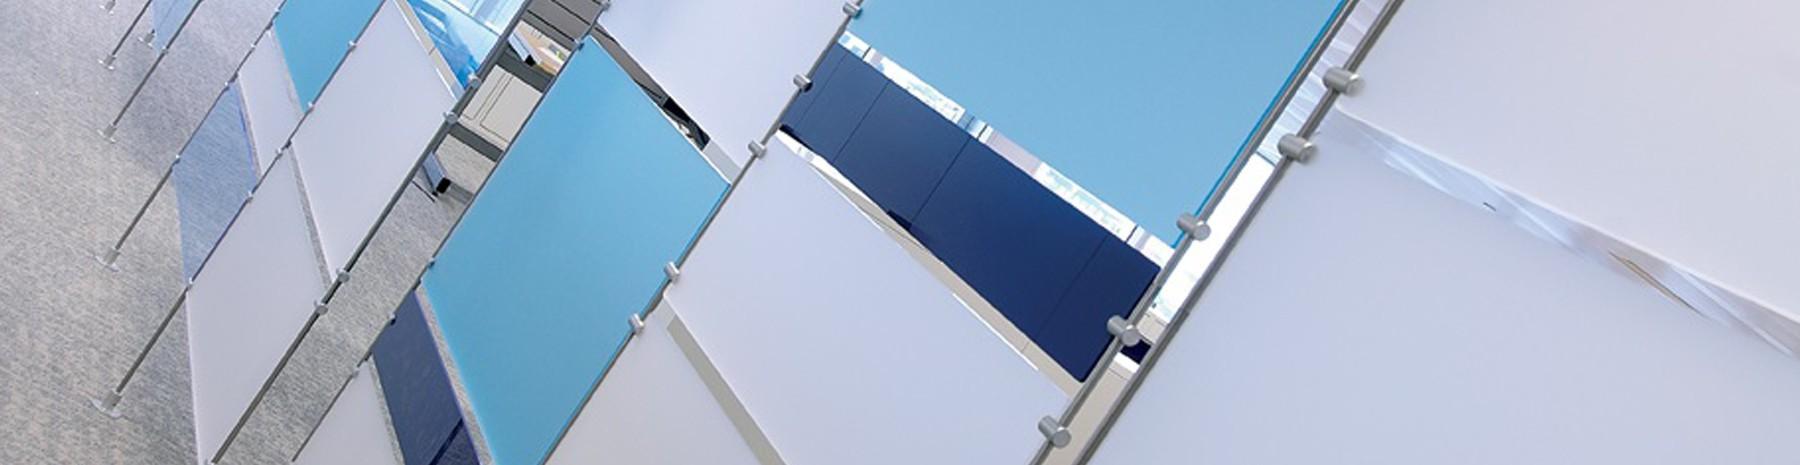 Gamme tiges Inox Ø 10 mm pour l'affichages suspendu et la signalétique